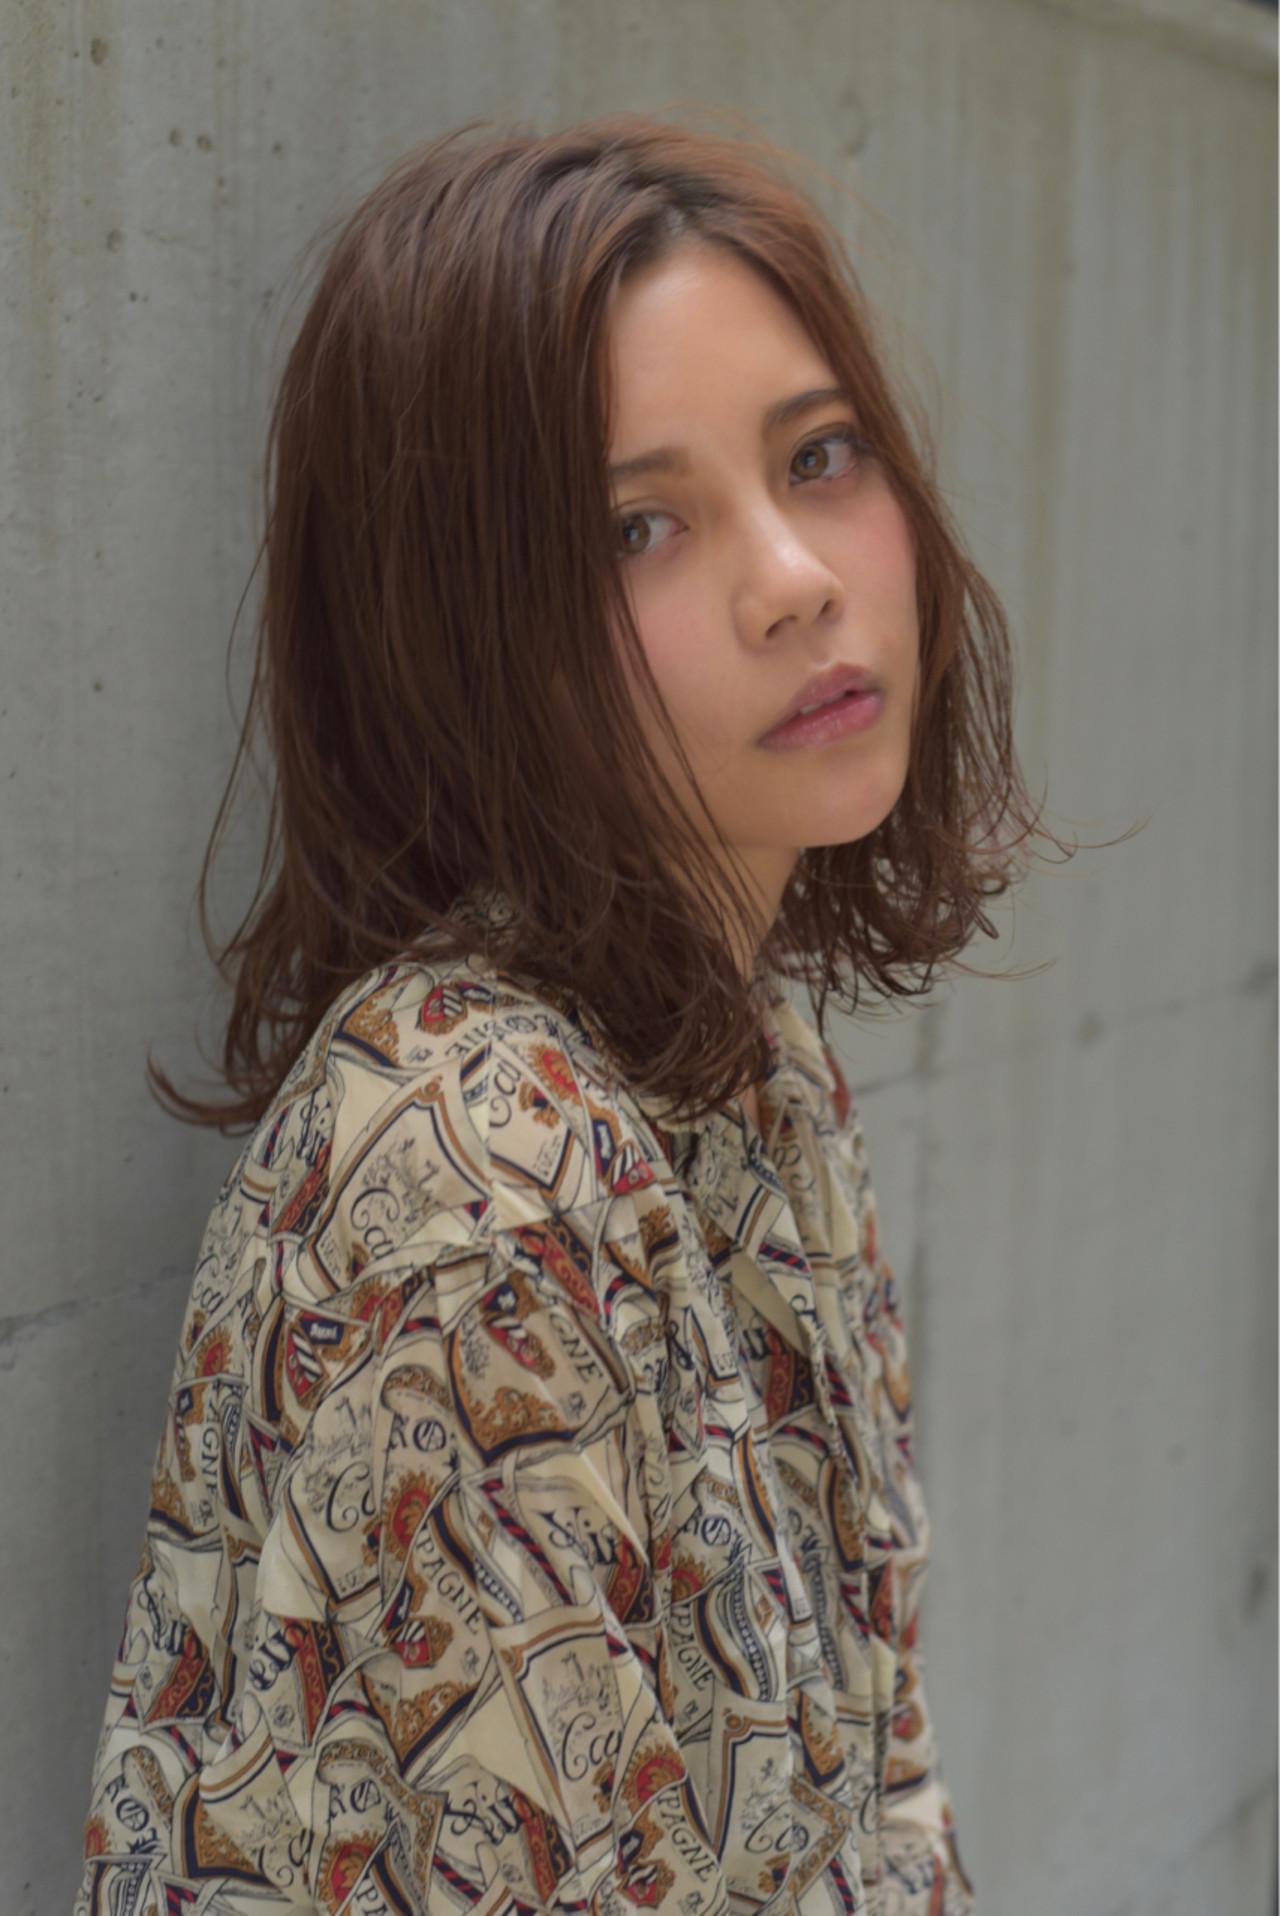 ミディアムヘアをもっと可愛く見せちゃおう♪内巻き・外巻きスタイル10選 小島翔一郎  depart表参道